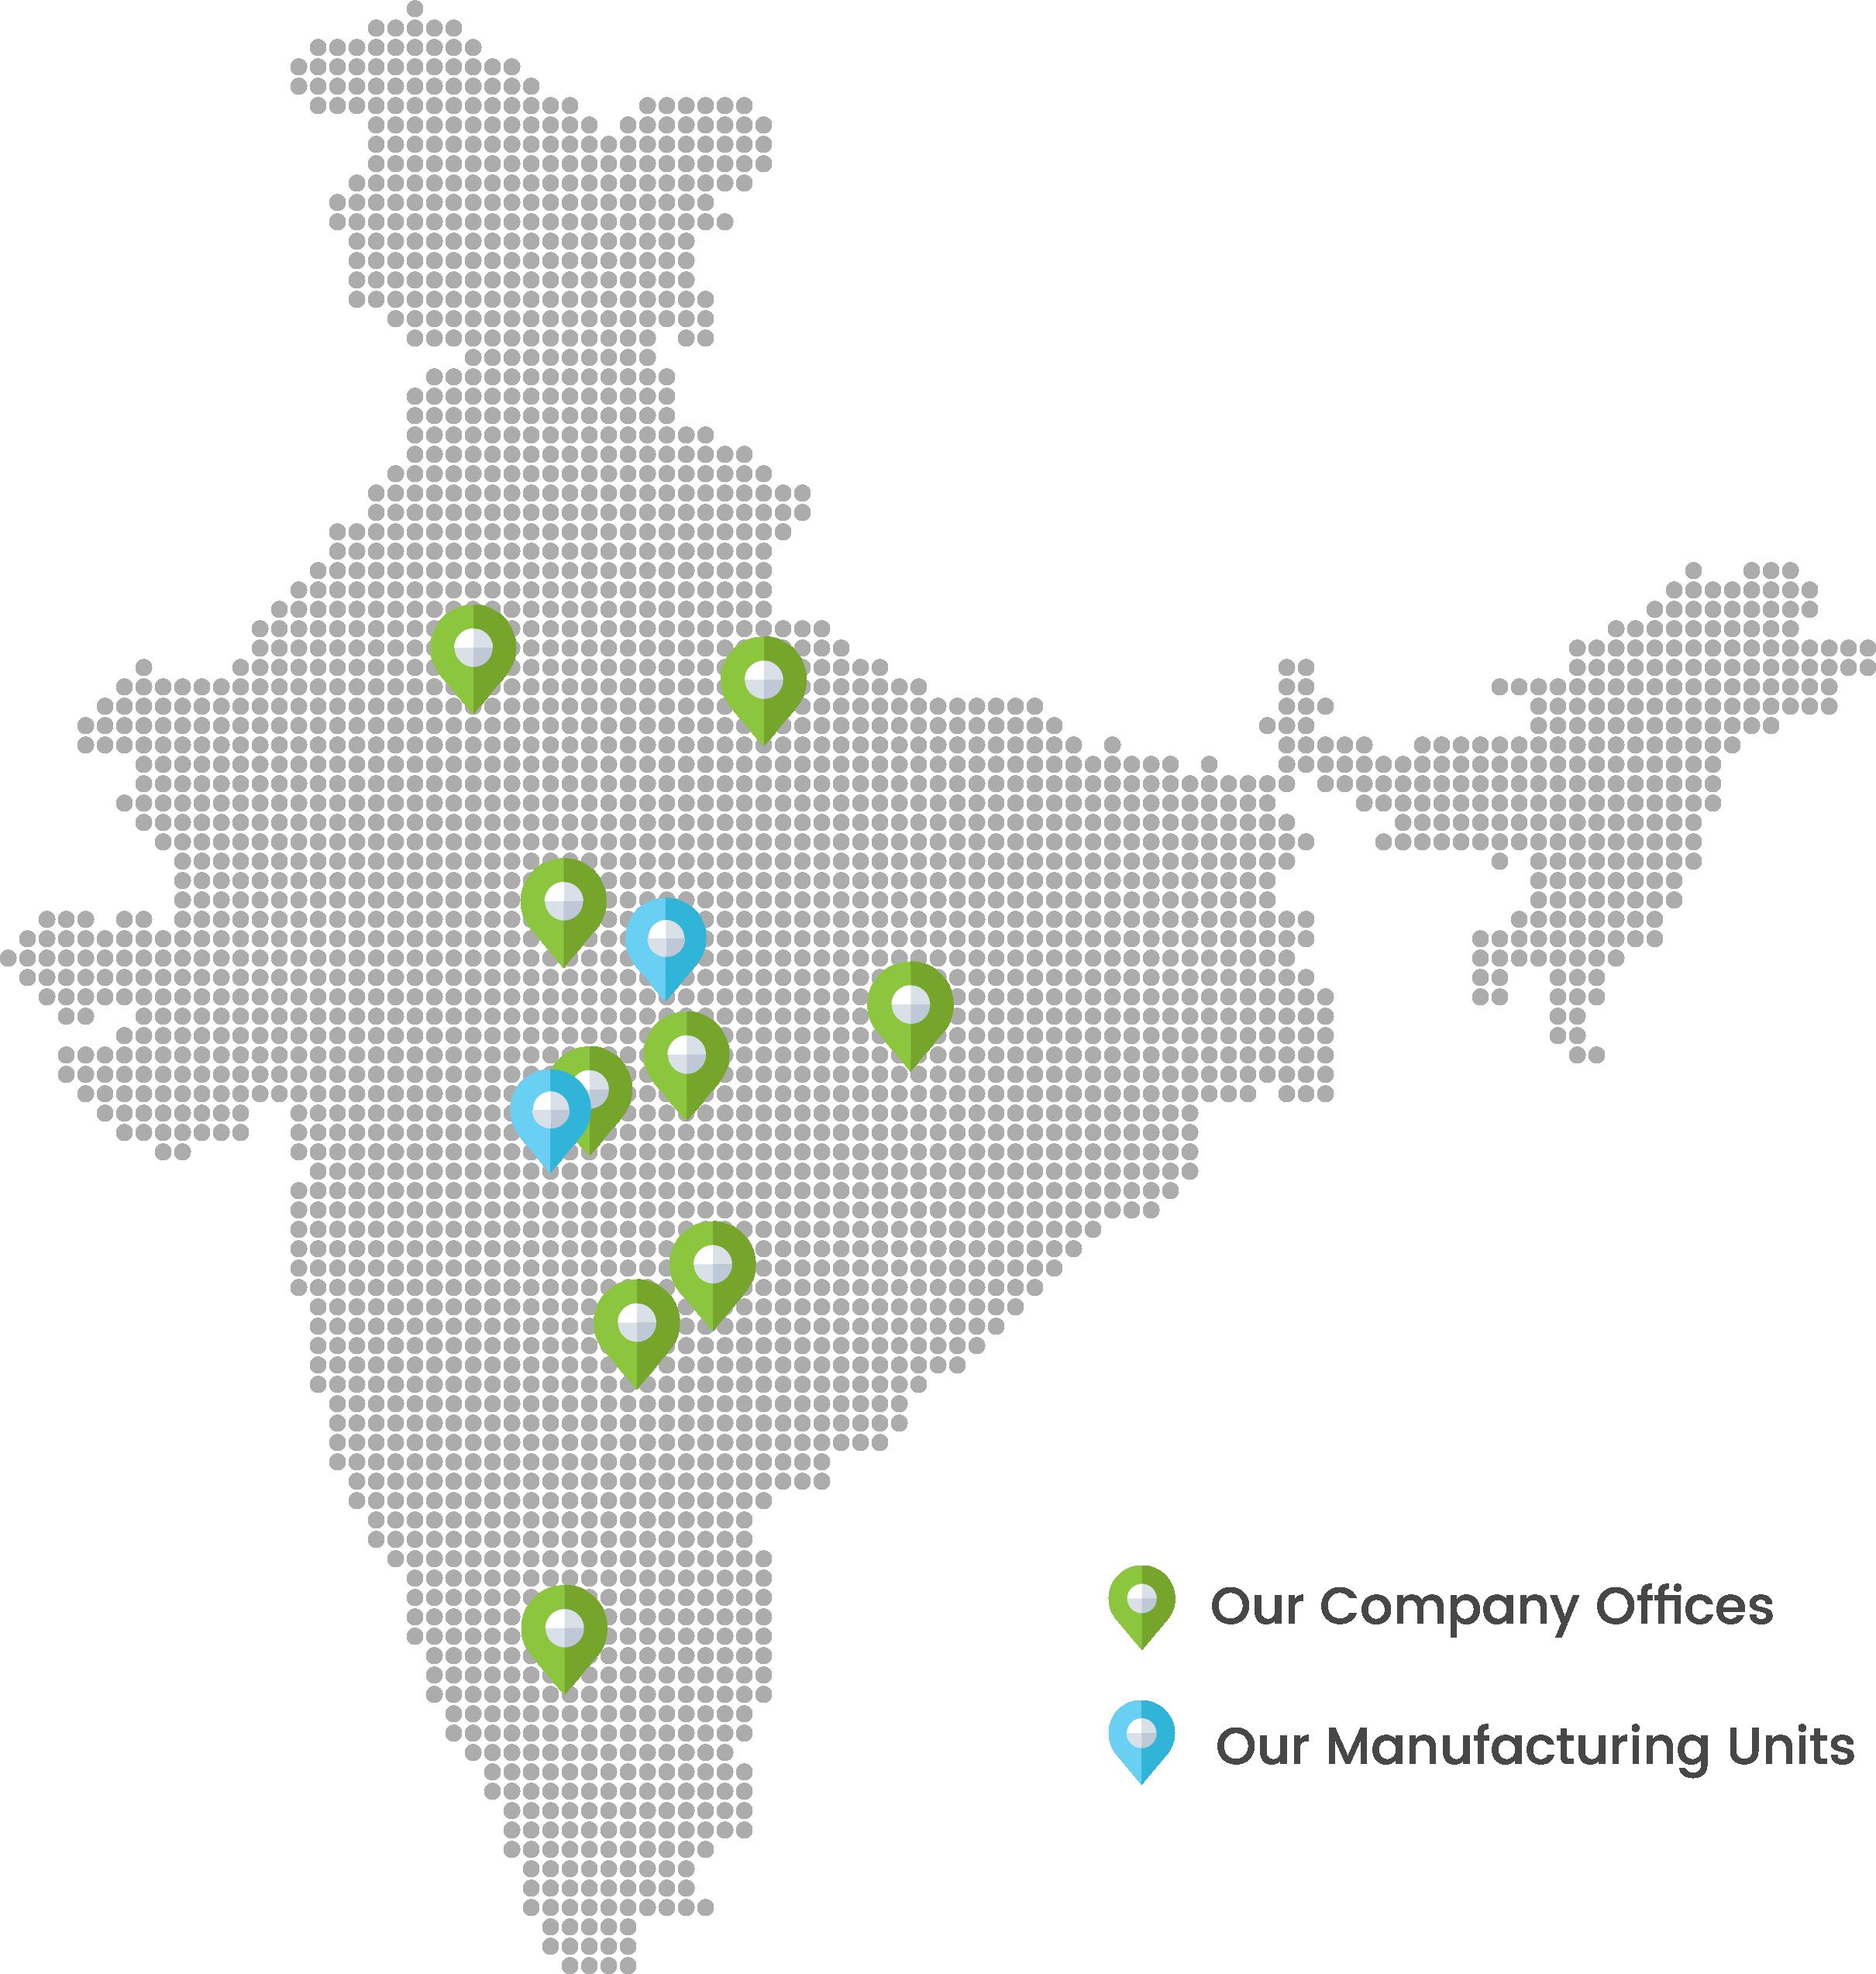 skr-agrotech-map